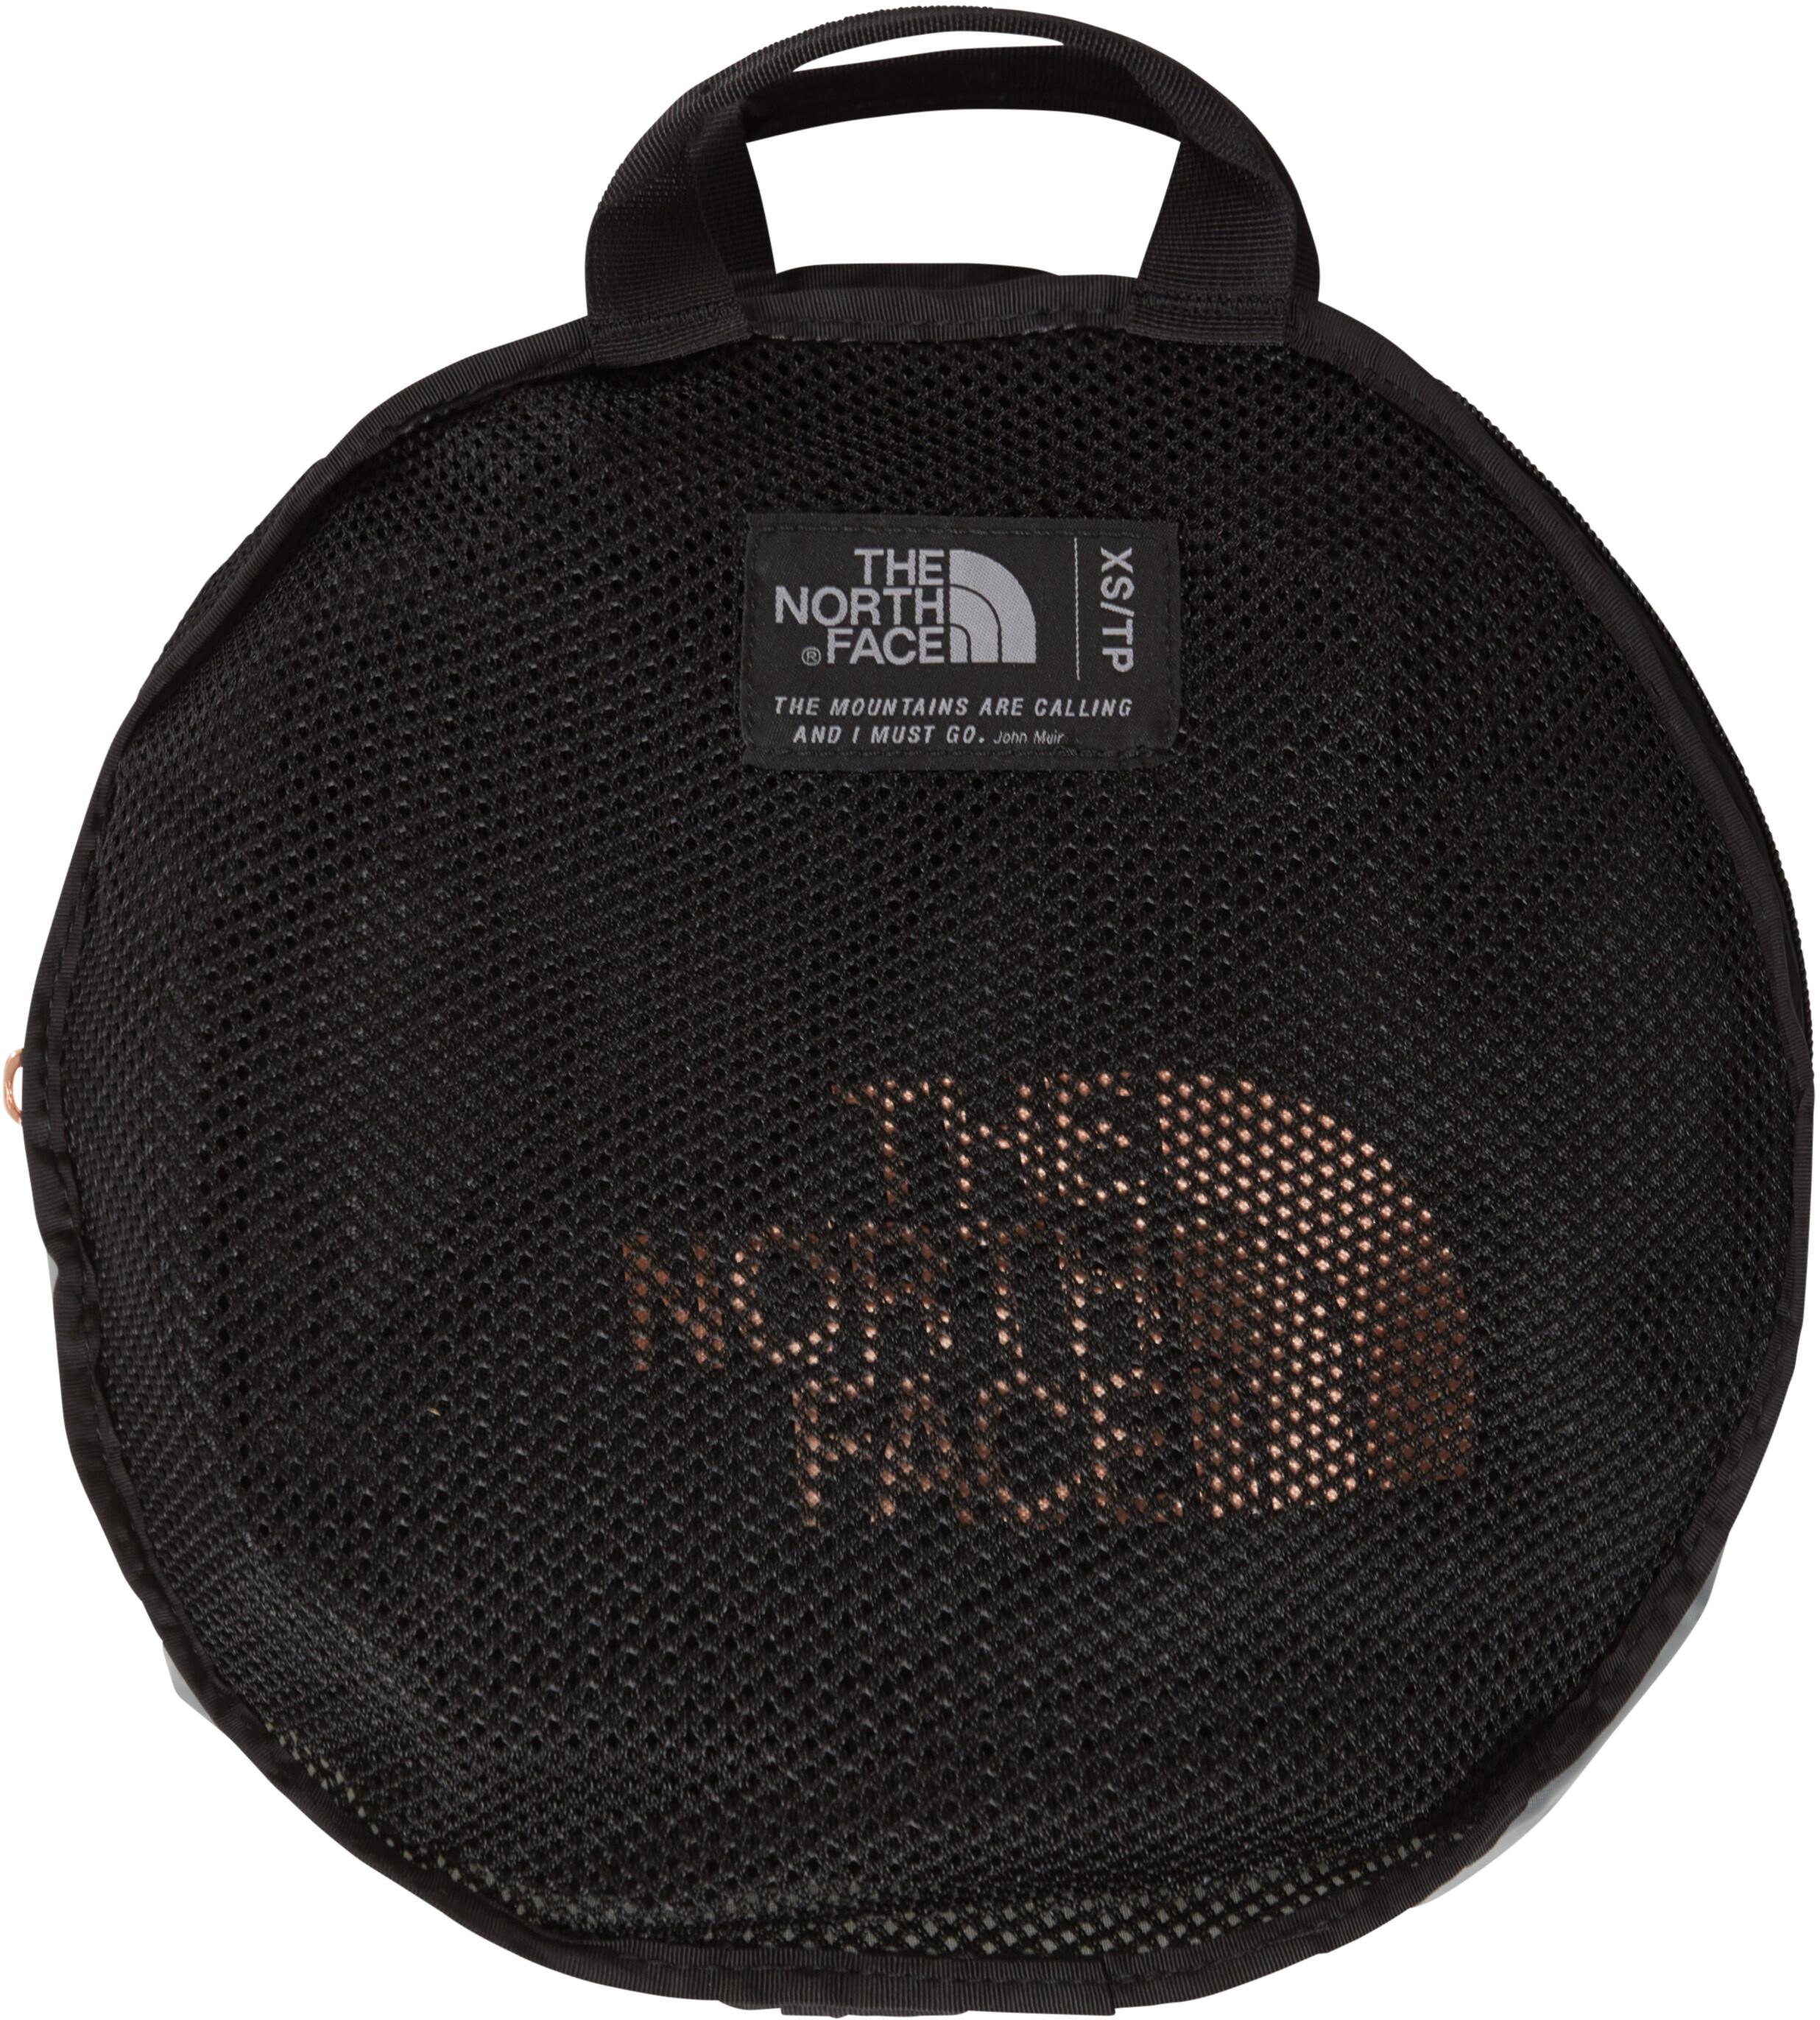 ee1d939ce9 The North Face Base Camp - Sac de voyage - XS noir sur CAMPZ !